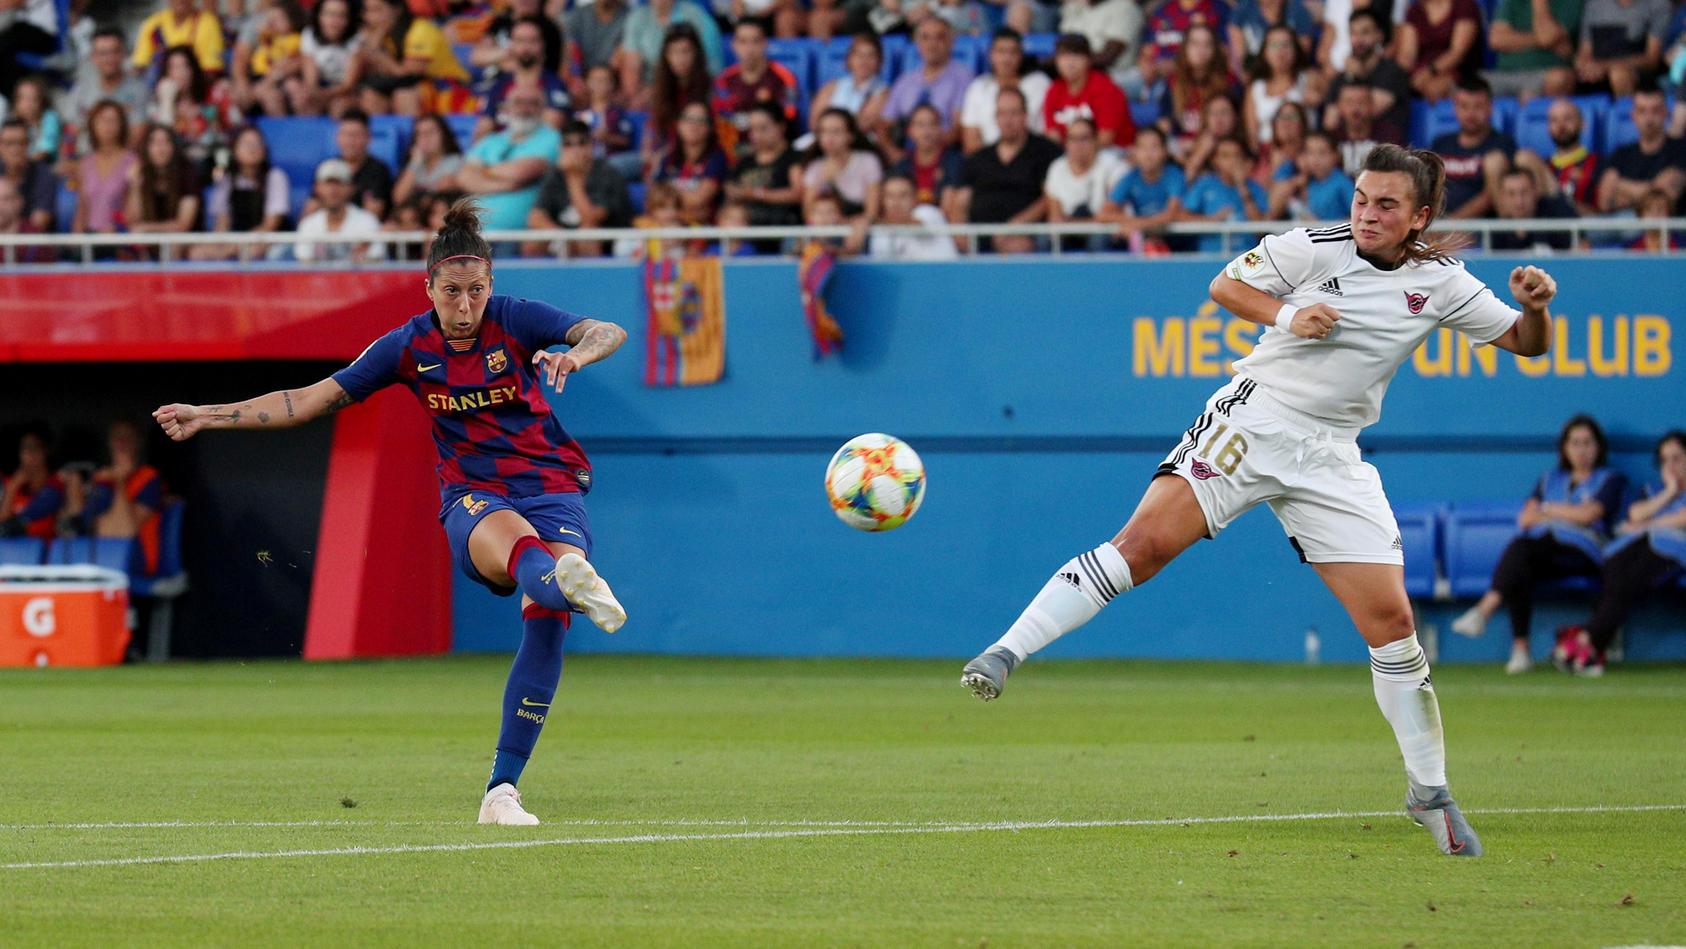 FILE PHOTO: Women's Primera Division - FC Barcelona vs CD Tacon